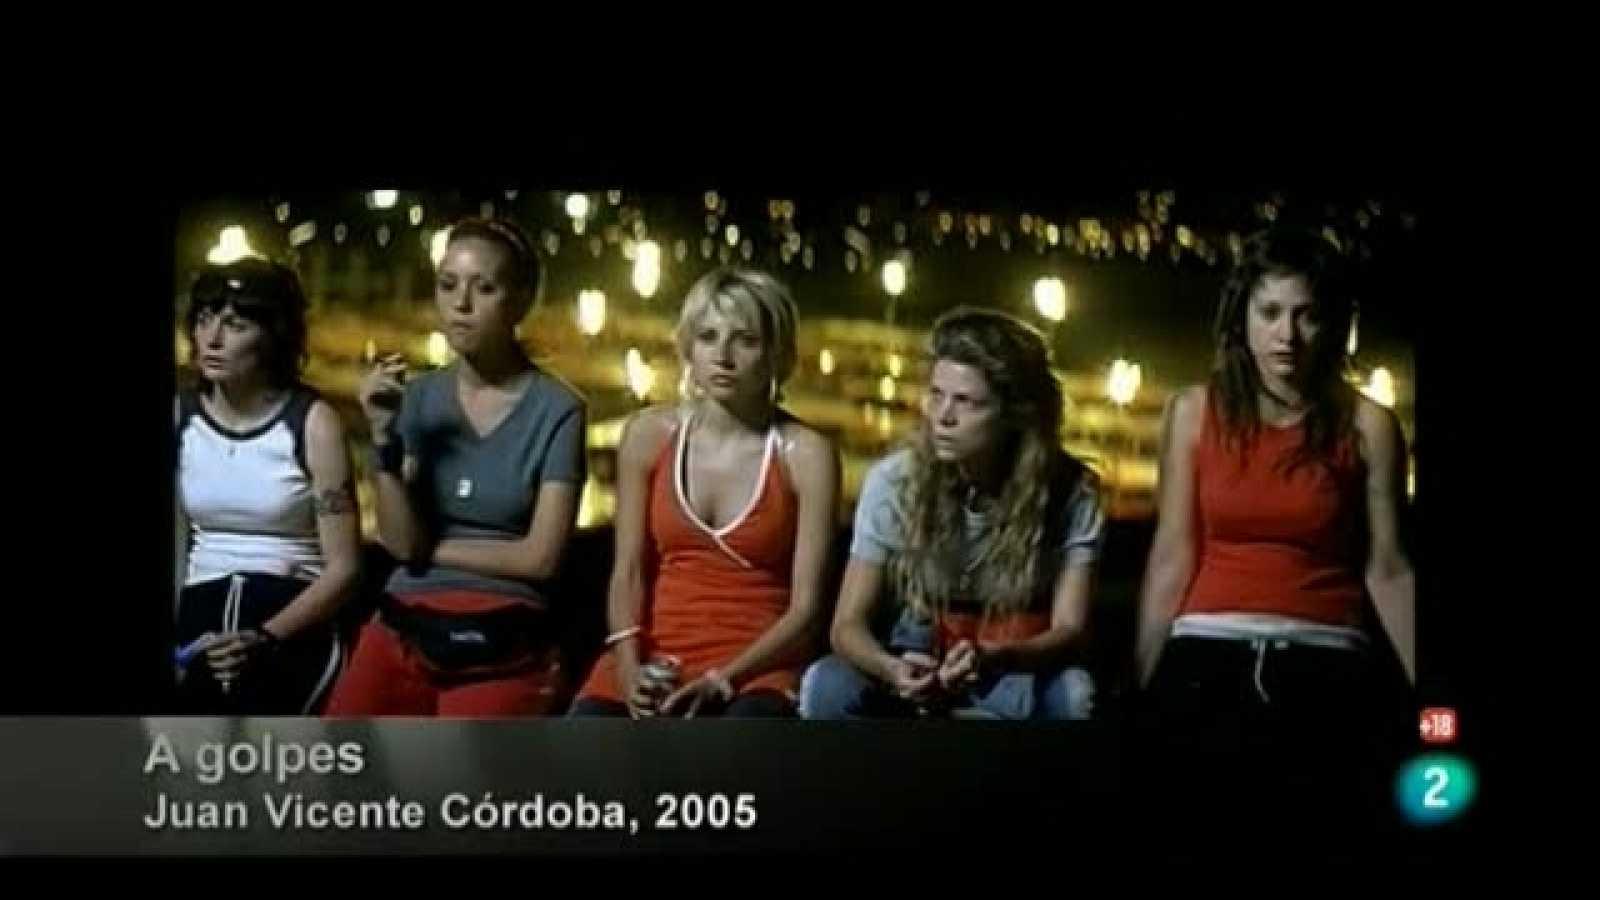 Versión española - Presentación de la película 'A golpes' - Ver ahora